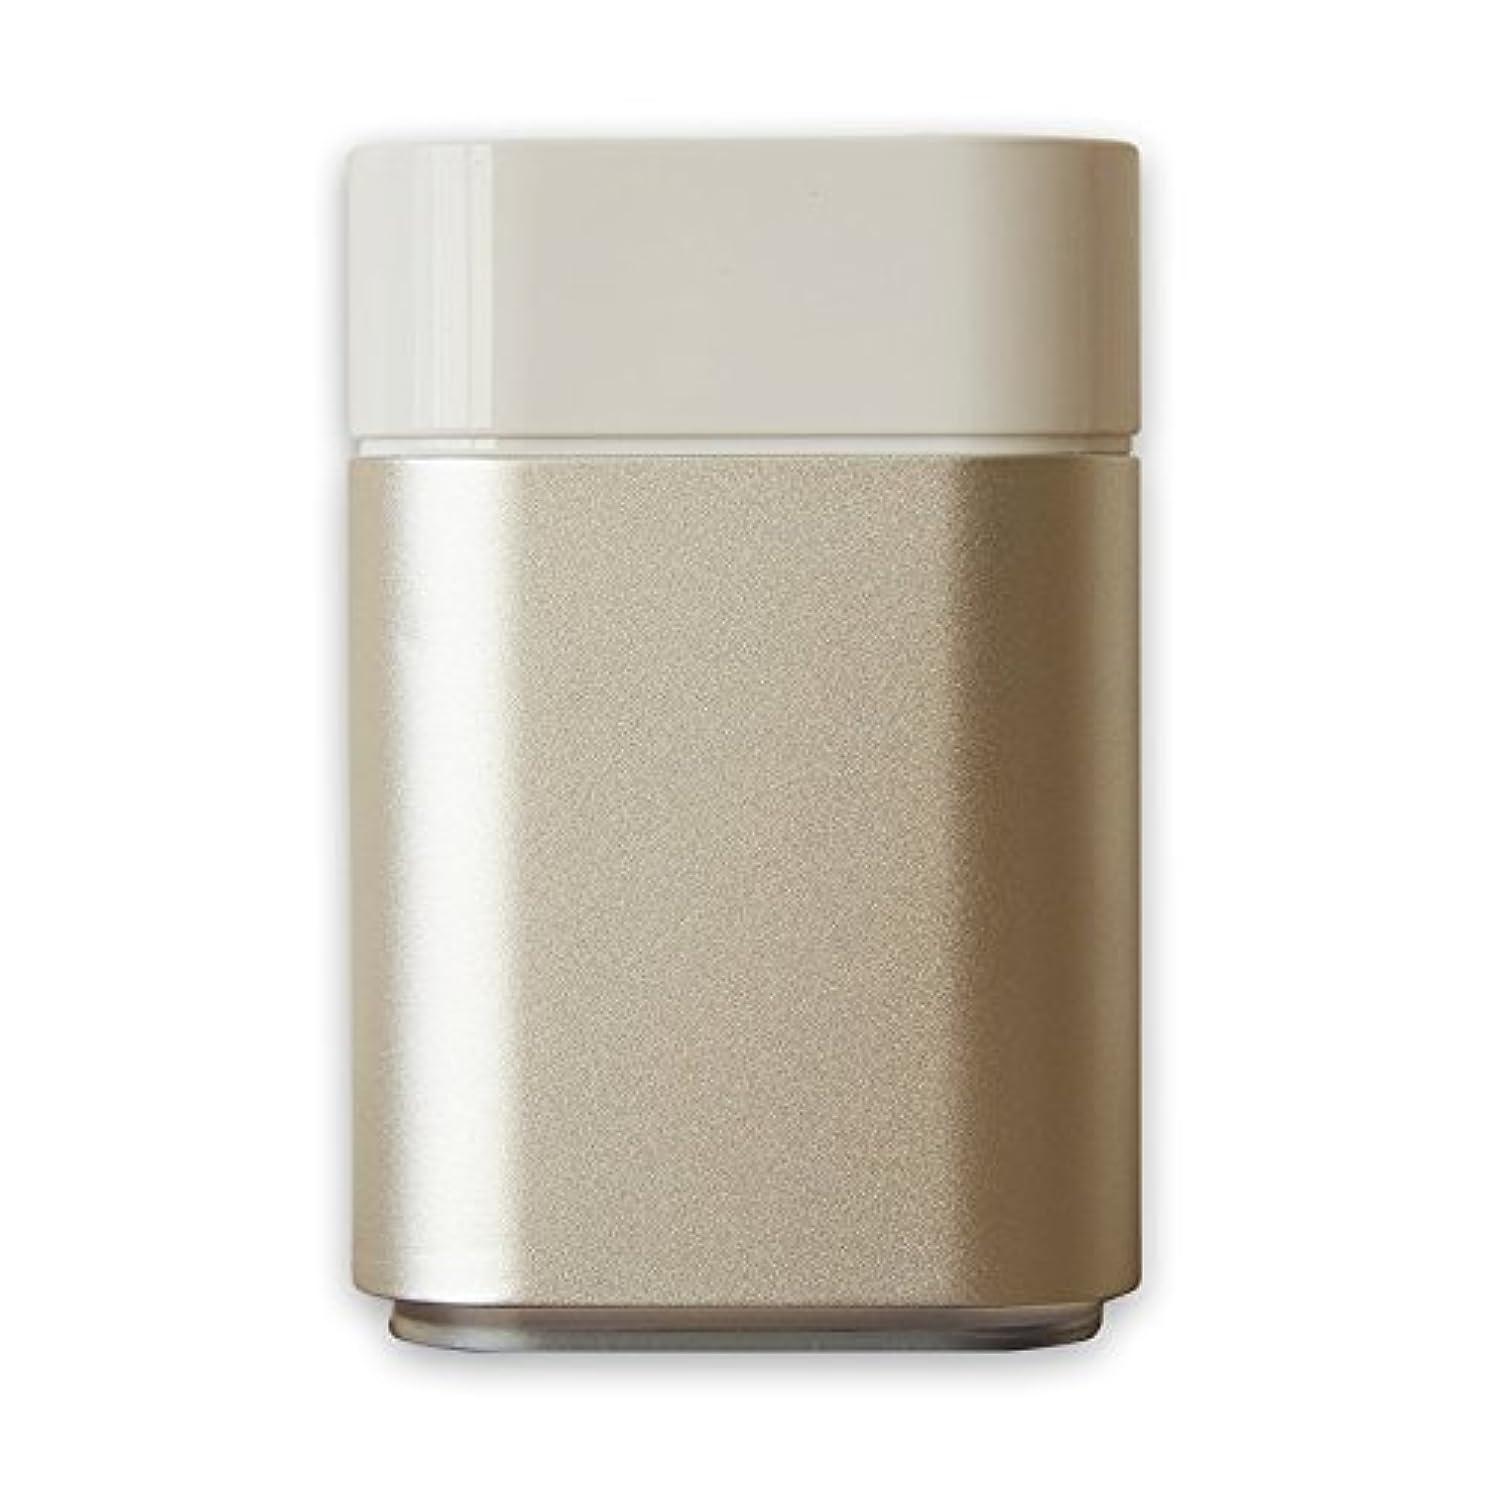 ホステルアヒル統計アロマディフューザー UR-AROMA04 卓上 小型 Uruon(ウルオン)水を使わない アロマ ネブライザー式 水なし ダイレクトオイル 製油瓶直噴式 超音波式 USB 卓上 油性 水性 静音 アロマオイル